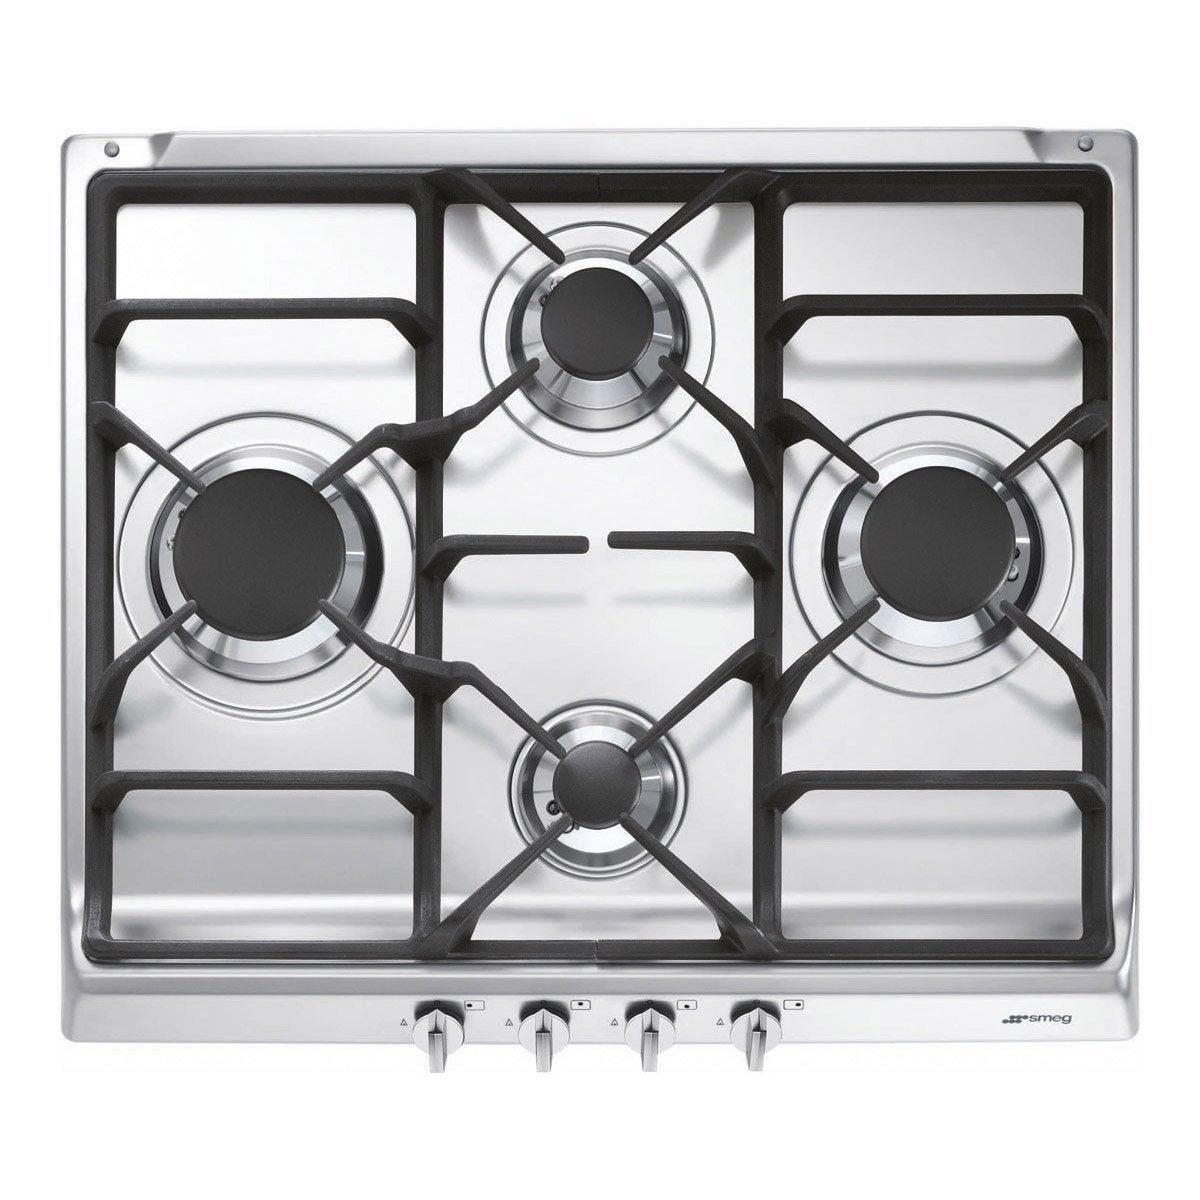 Table De Cuisson Gaz Et Electricite plaque de cuisson gaz 4 foyers, inox, smeg s60ghs